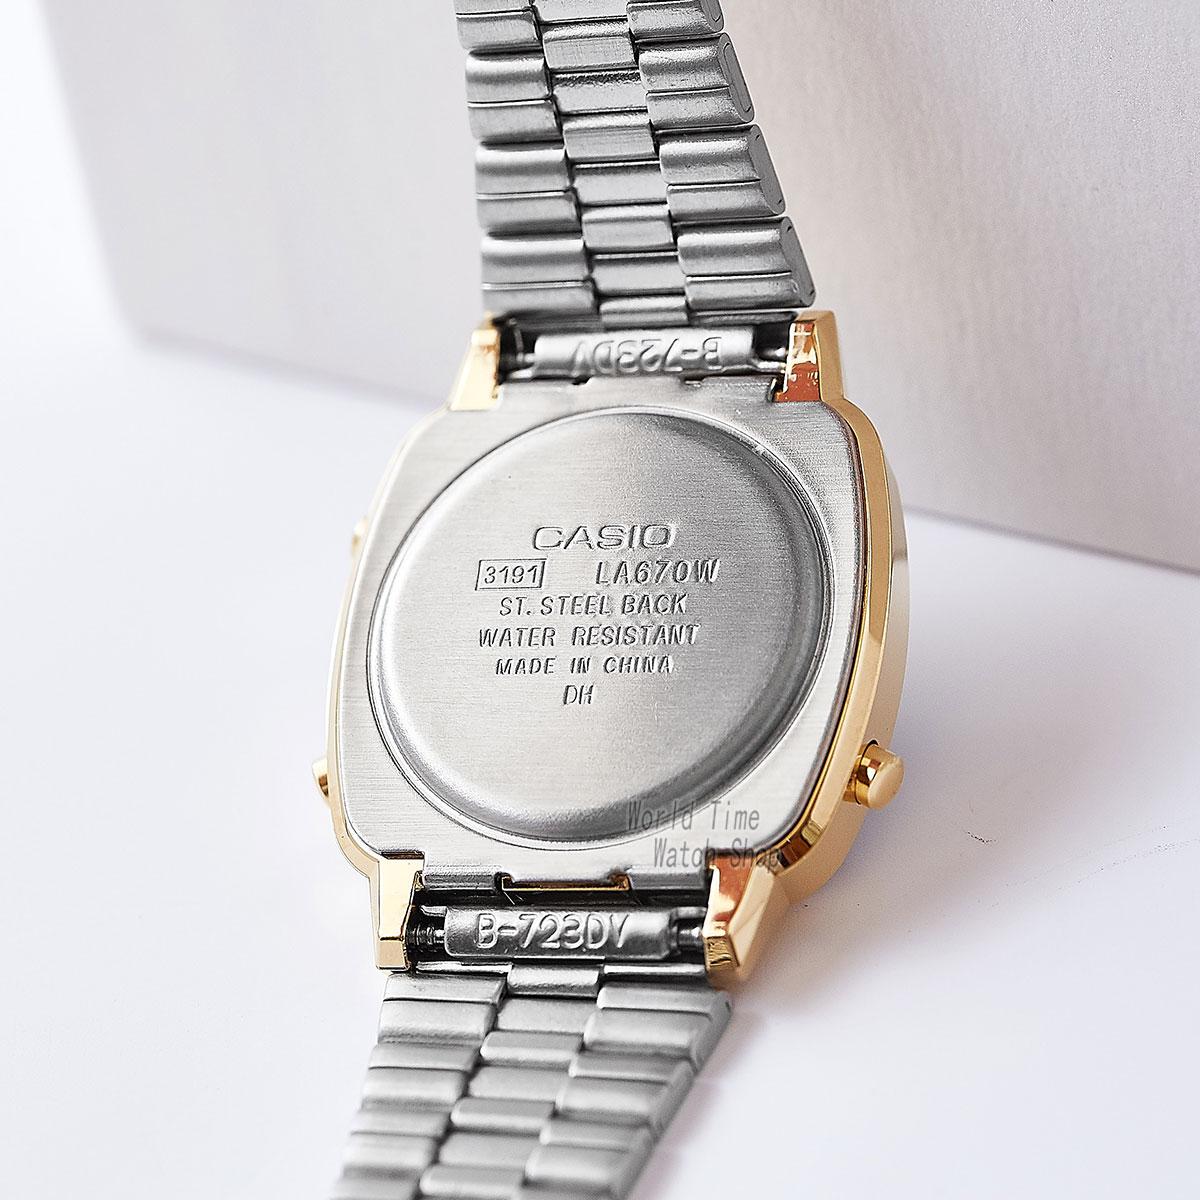 Reloj Casio de oro para mujer Relojes de primeras marcas de lujo Reloj de cuarzo impermeable para mujer Reloj digital LED para mujer Reloj deportivo relogio feminino montre homme bayan kol saati zegarek damski LA680W - 4